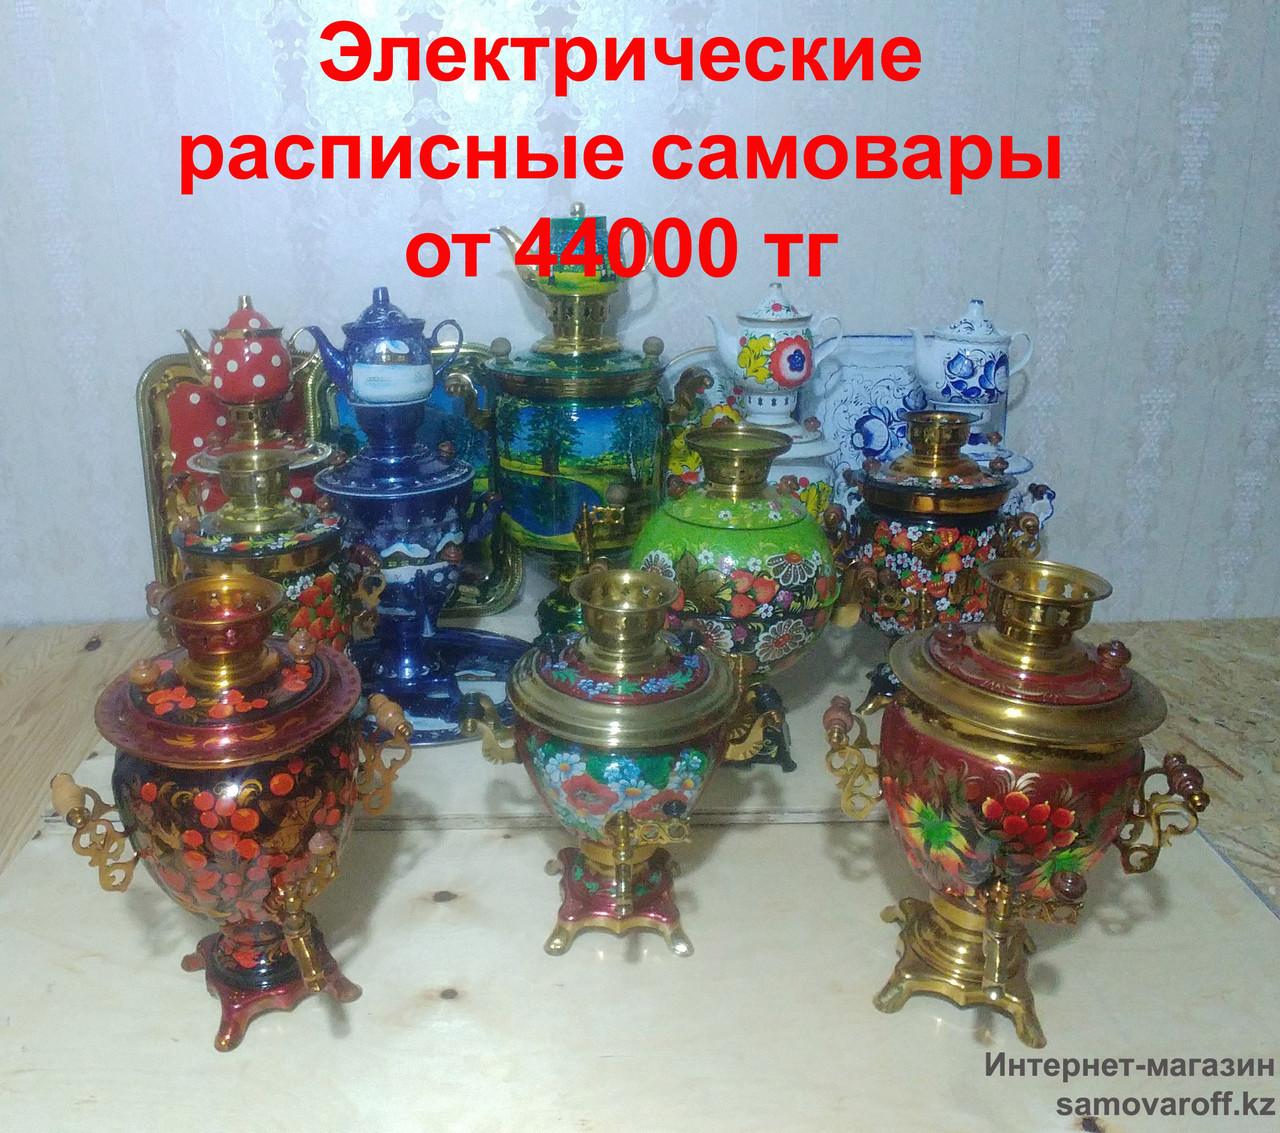 Тульские электрические самовары с художественной росписью - фото 1